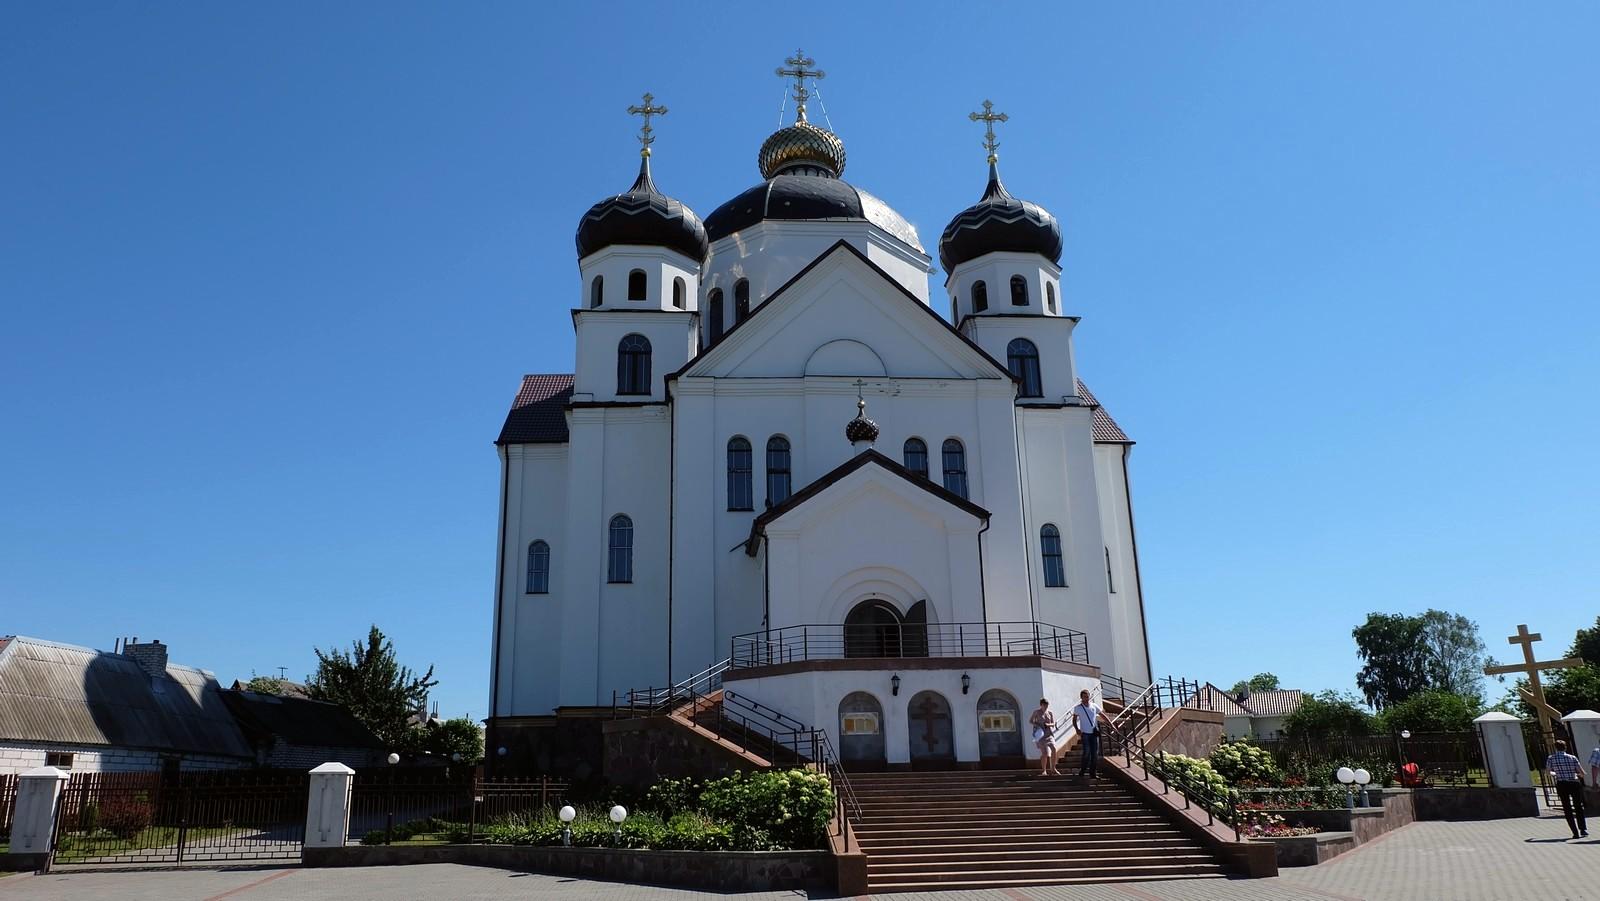 Спасо-Преображенская церковь, Сморгонь, Беларусь